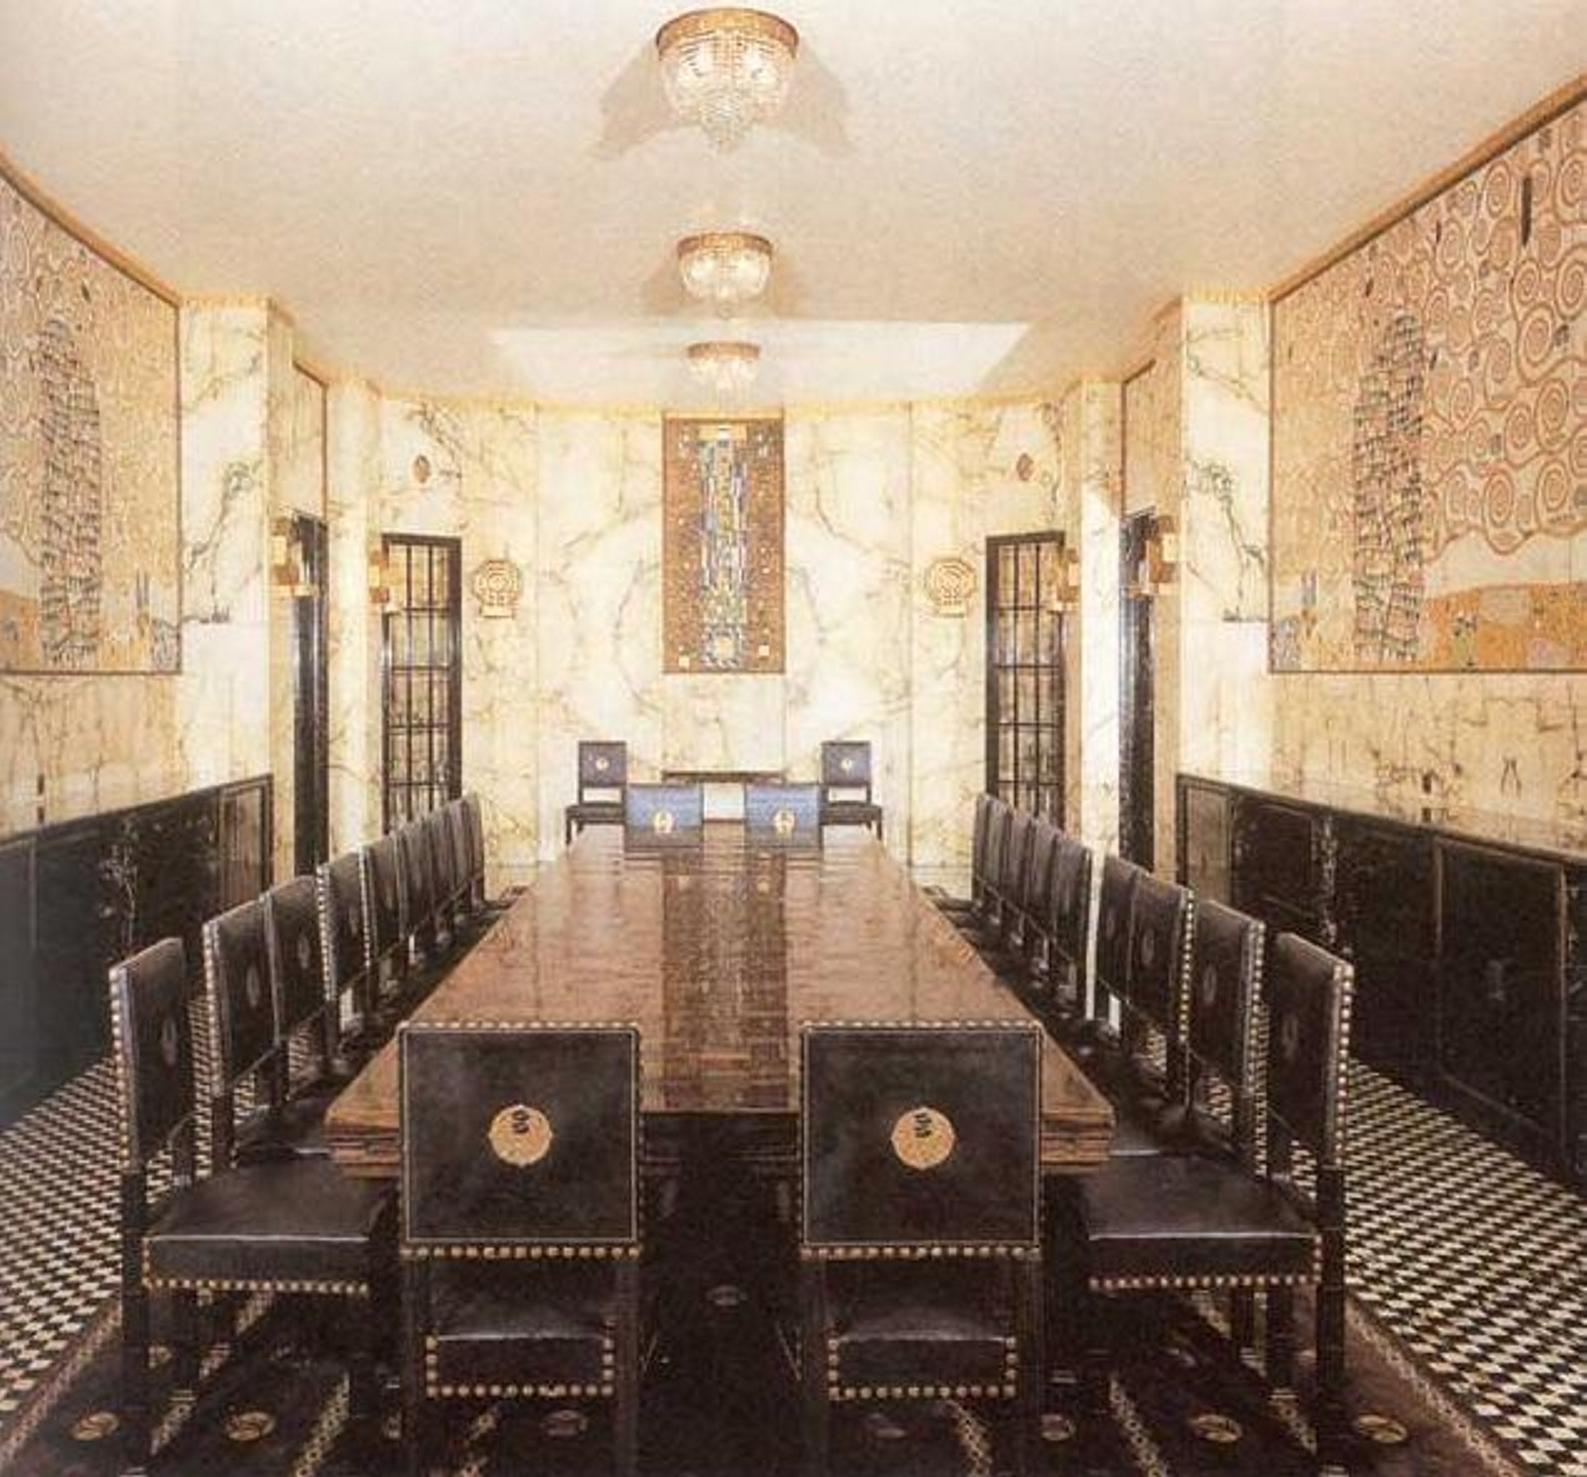 http://2.bp.blogspot.com/-o0EmWSAwZoE/Tvn-dvEAEJI/AAAAAAAAGwc/Cvw0bKpU790/s1600/1870+Josef+HOFFMAN+Palais+Stoclet%2C+dining+room+Bruxelles.jpg